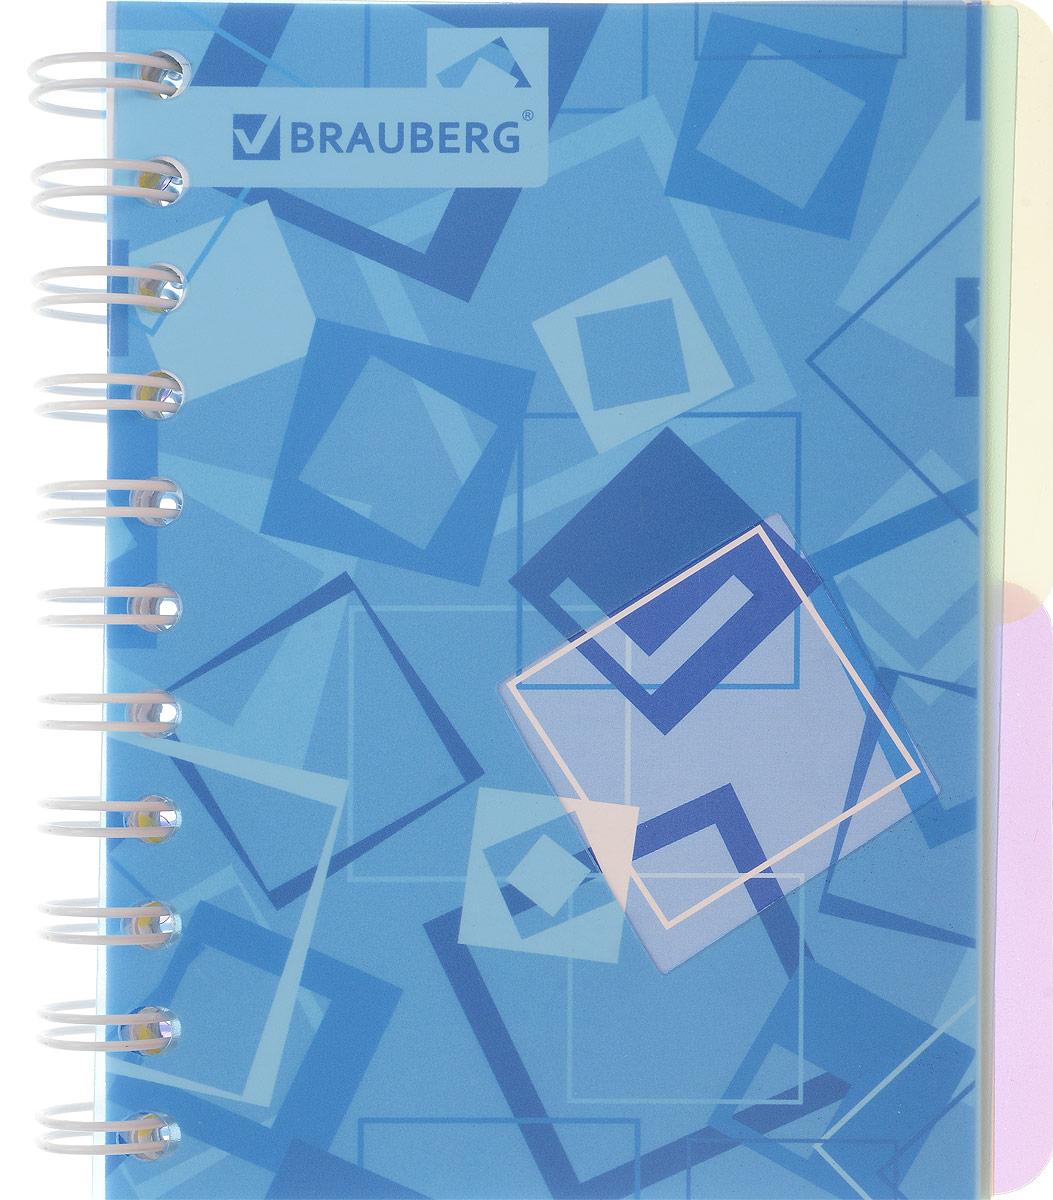 Brauberg Блокнот Кубики 120 листов в линейку цвет голубой125384Практичный блокнот Brauberg Кубики с яркой пластиковой обложкой, защищающей внутренний блок от износа и деформации. Удобные съемные разделители позволяют лучше ориентироваться в записях.